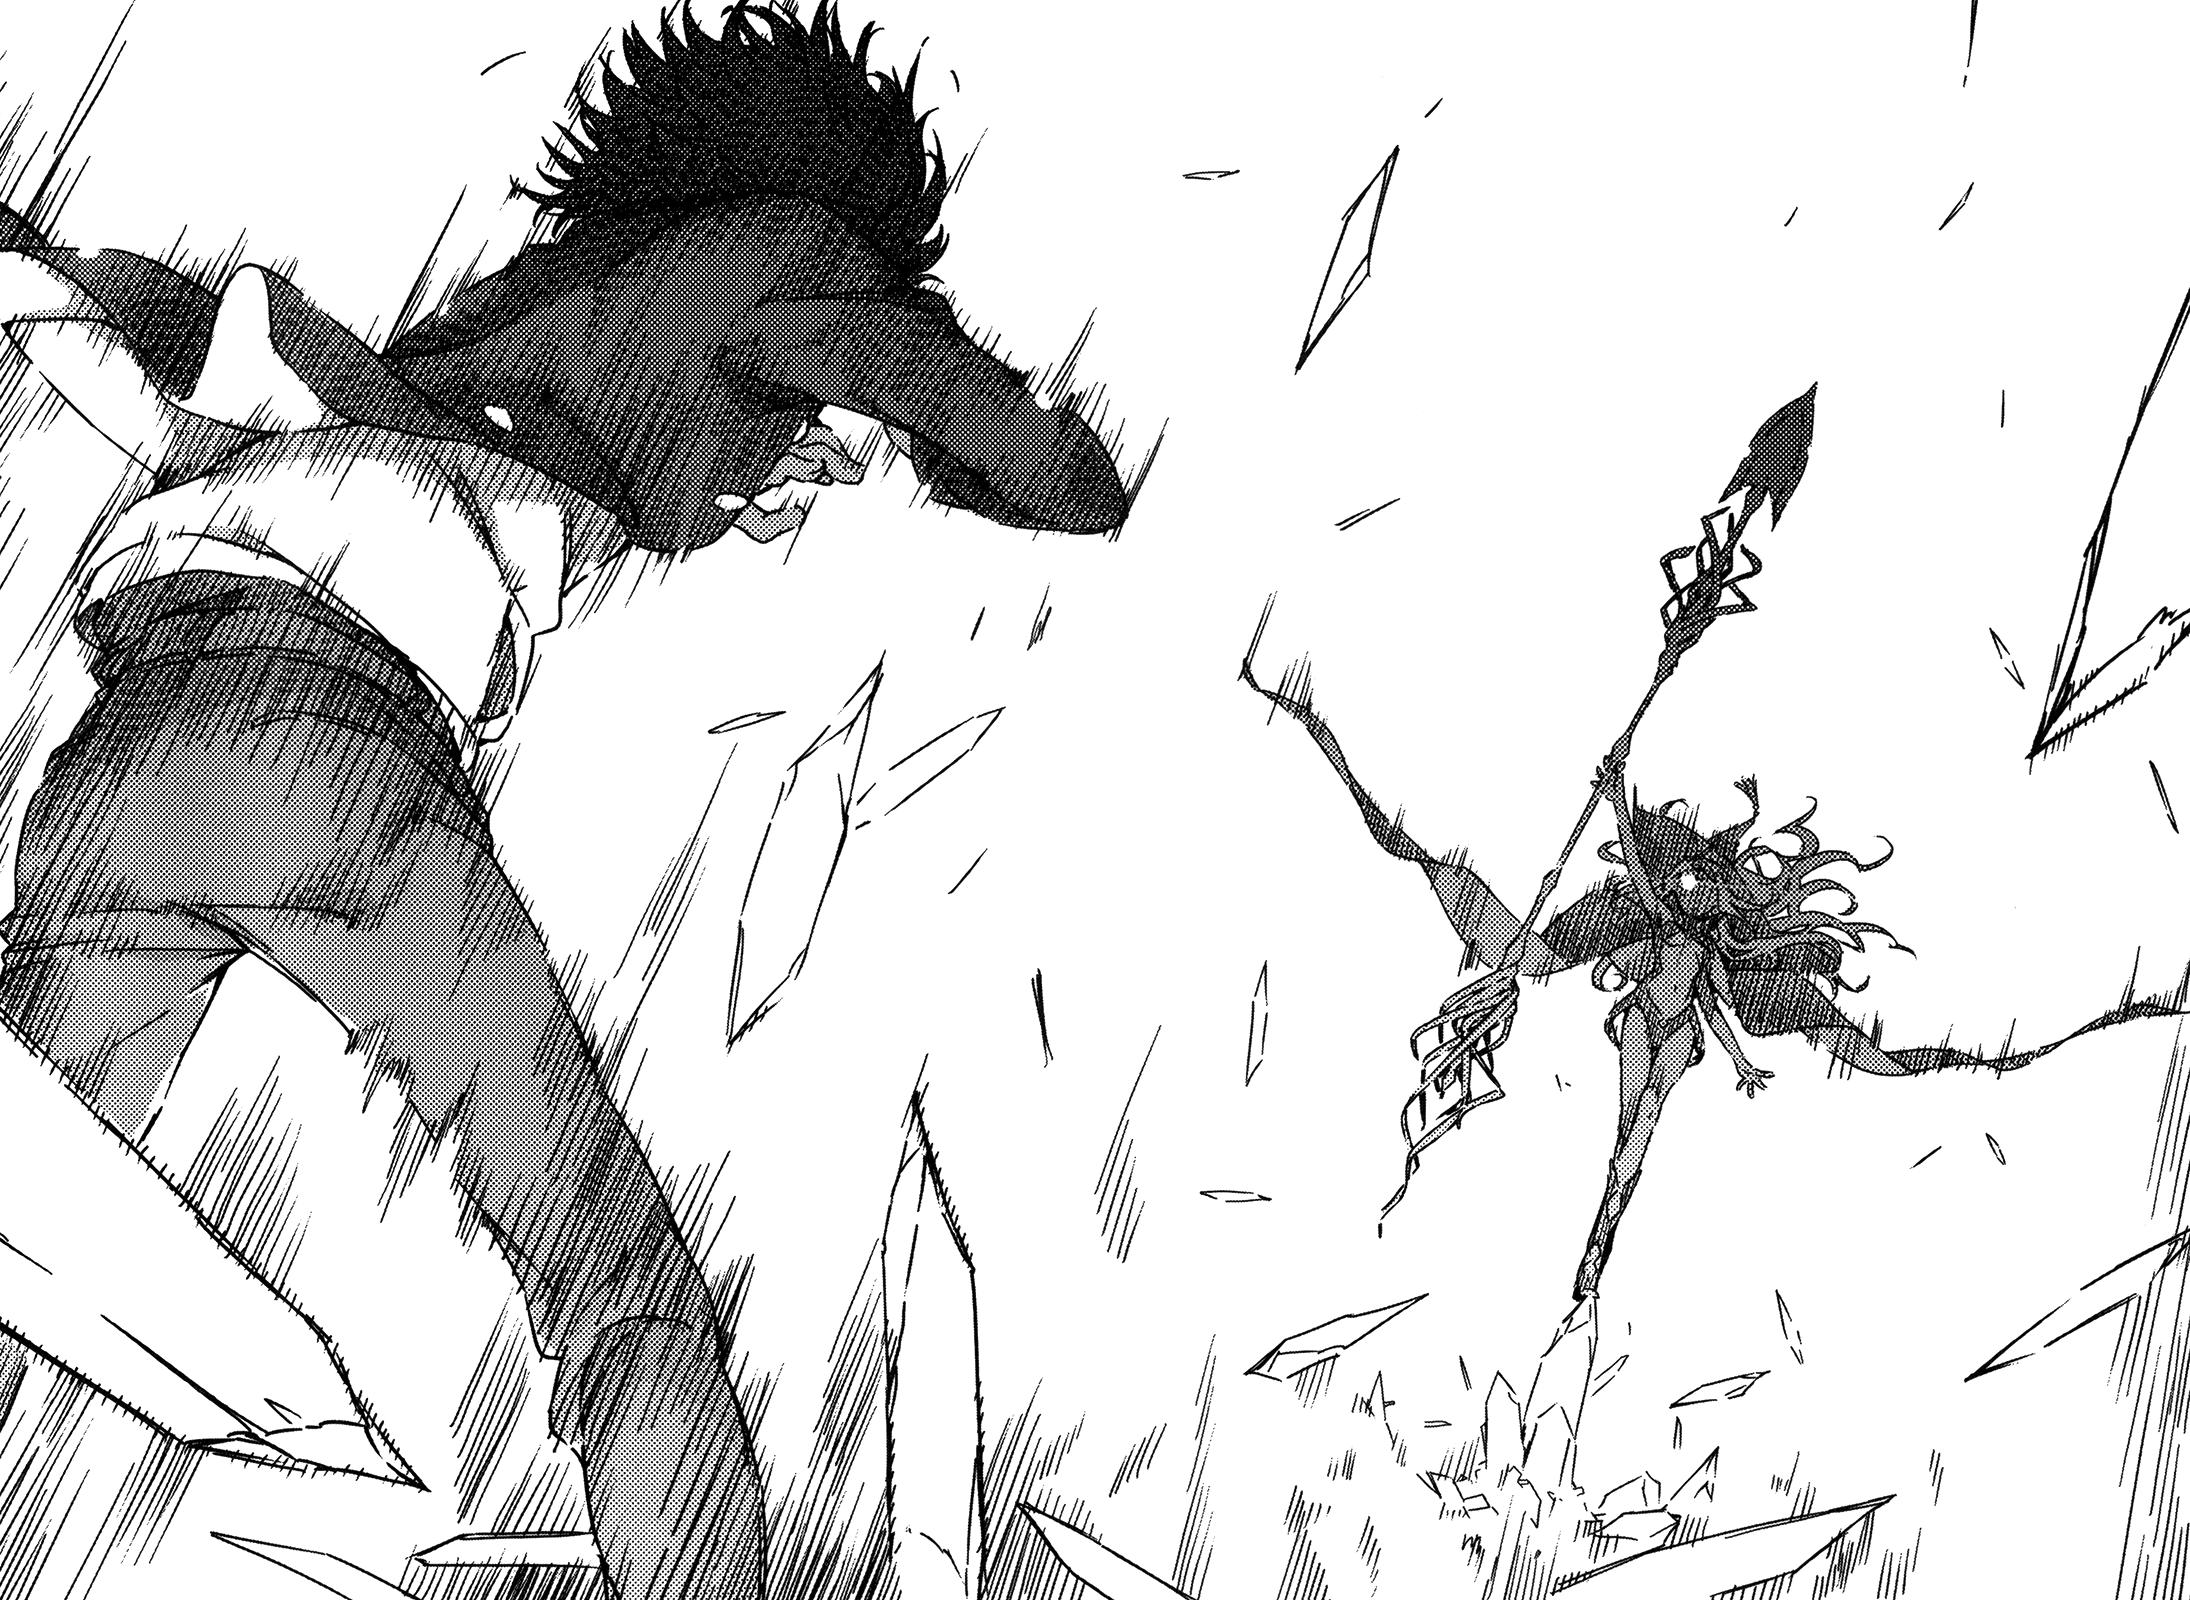 imagenes de algunos mangas (algunas son +18) NT_Index_v08_410-411